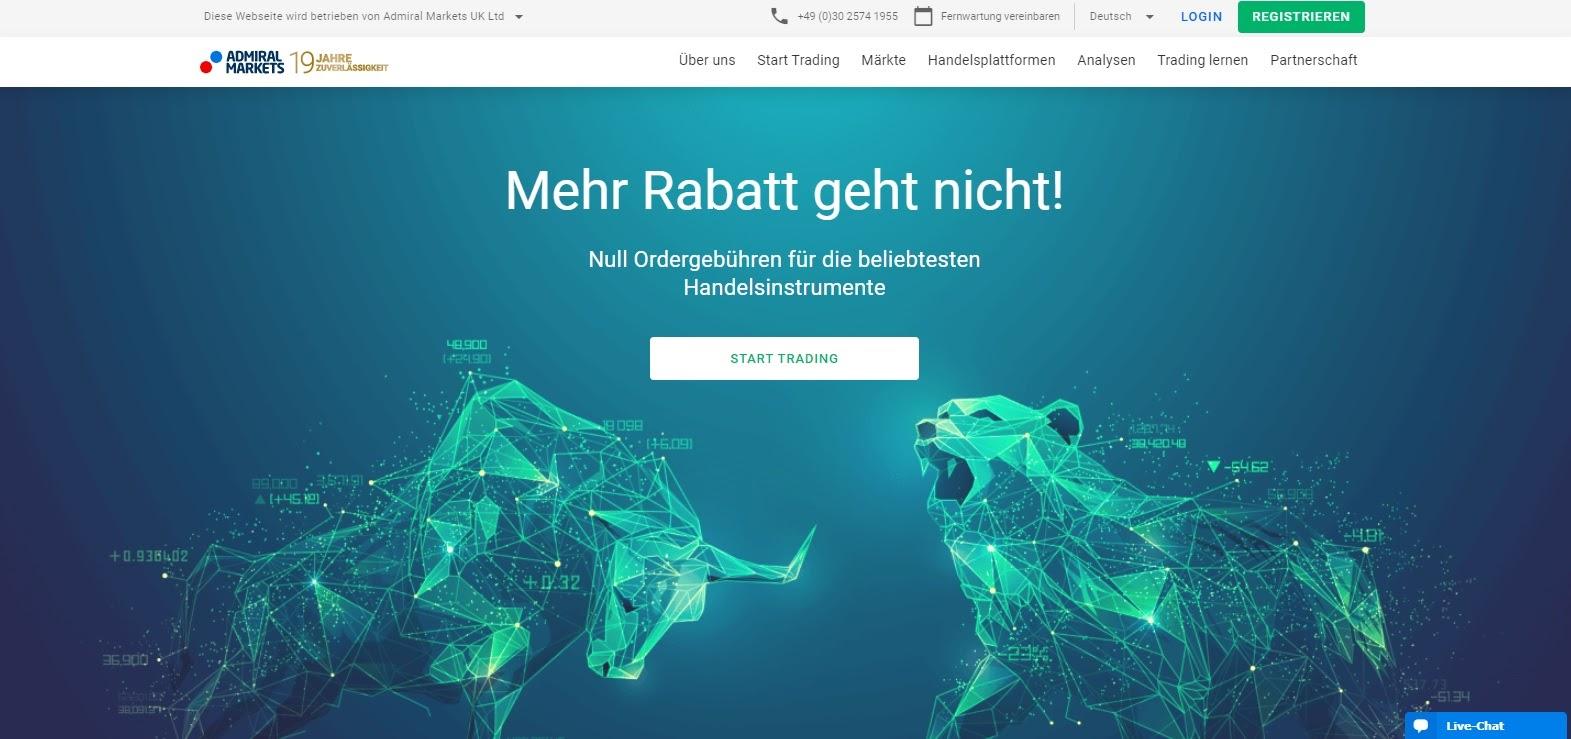 Admiral Markets webbplats och logotyp